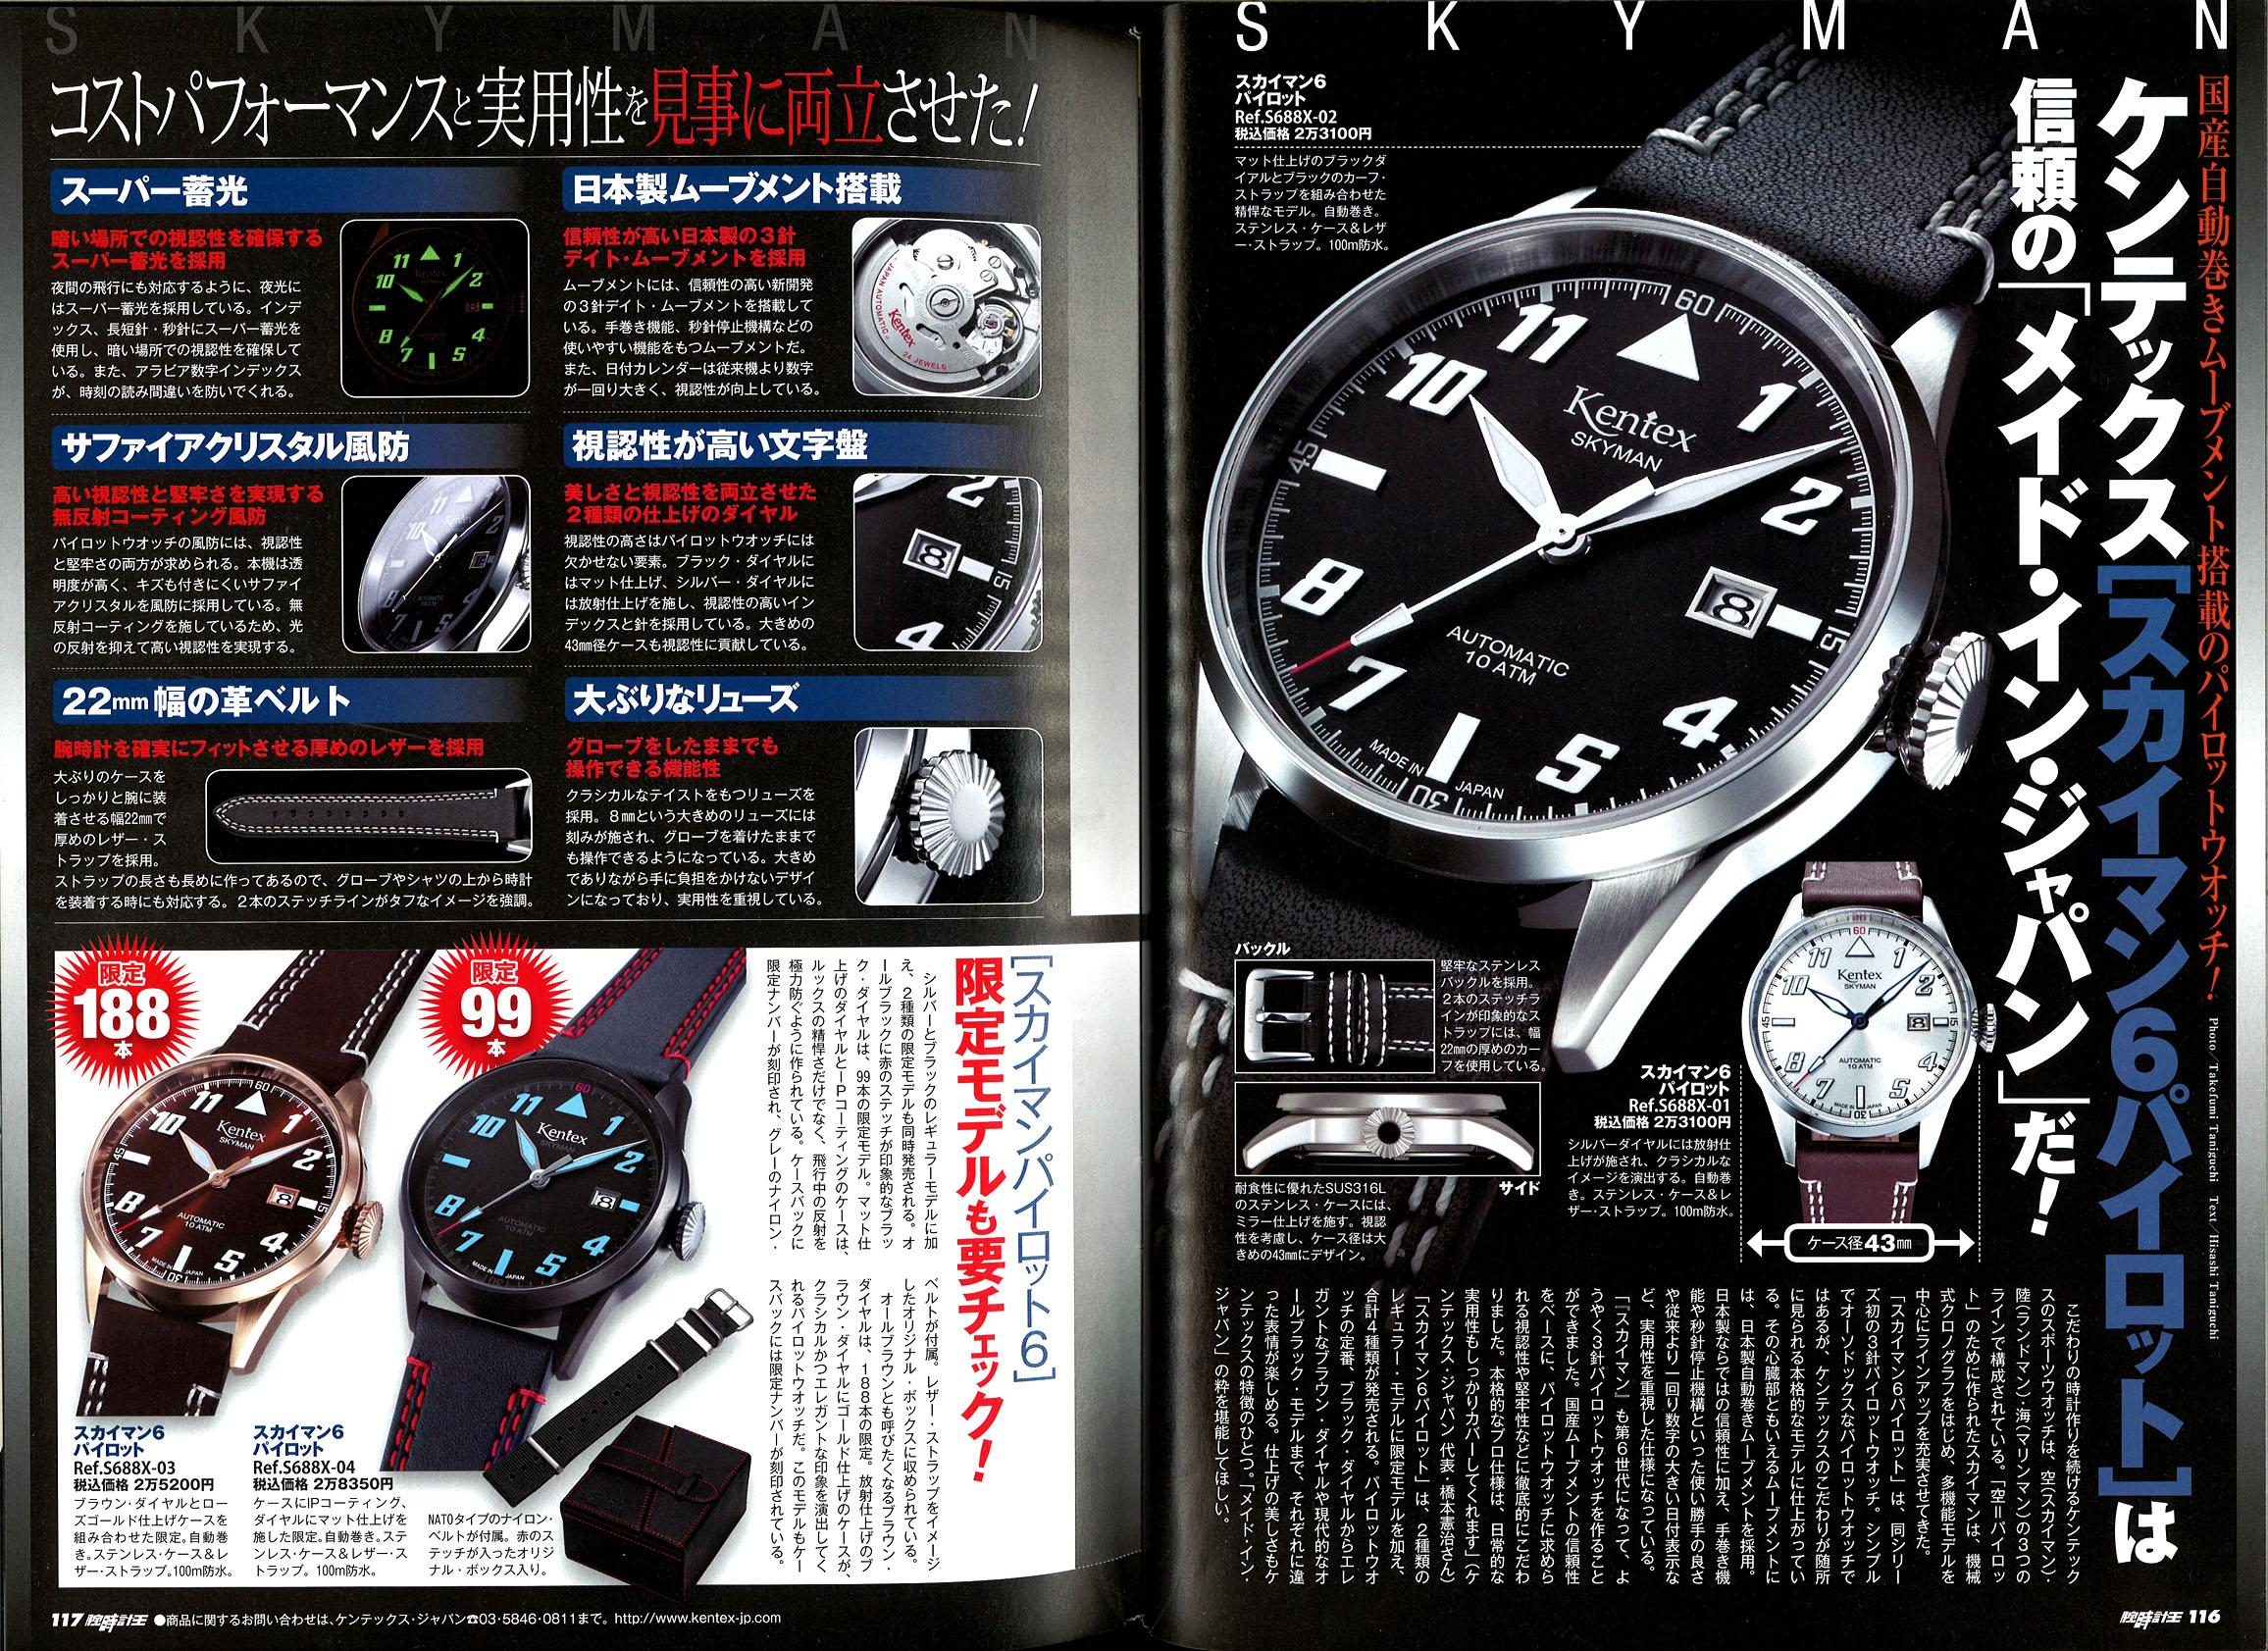 腕時計王Vol.50掲載